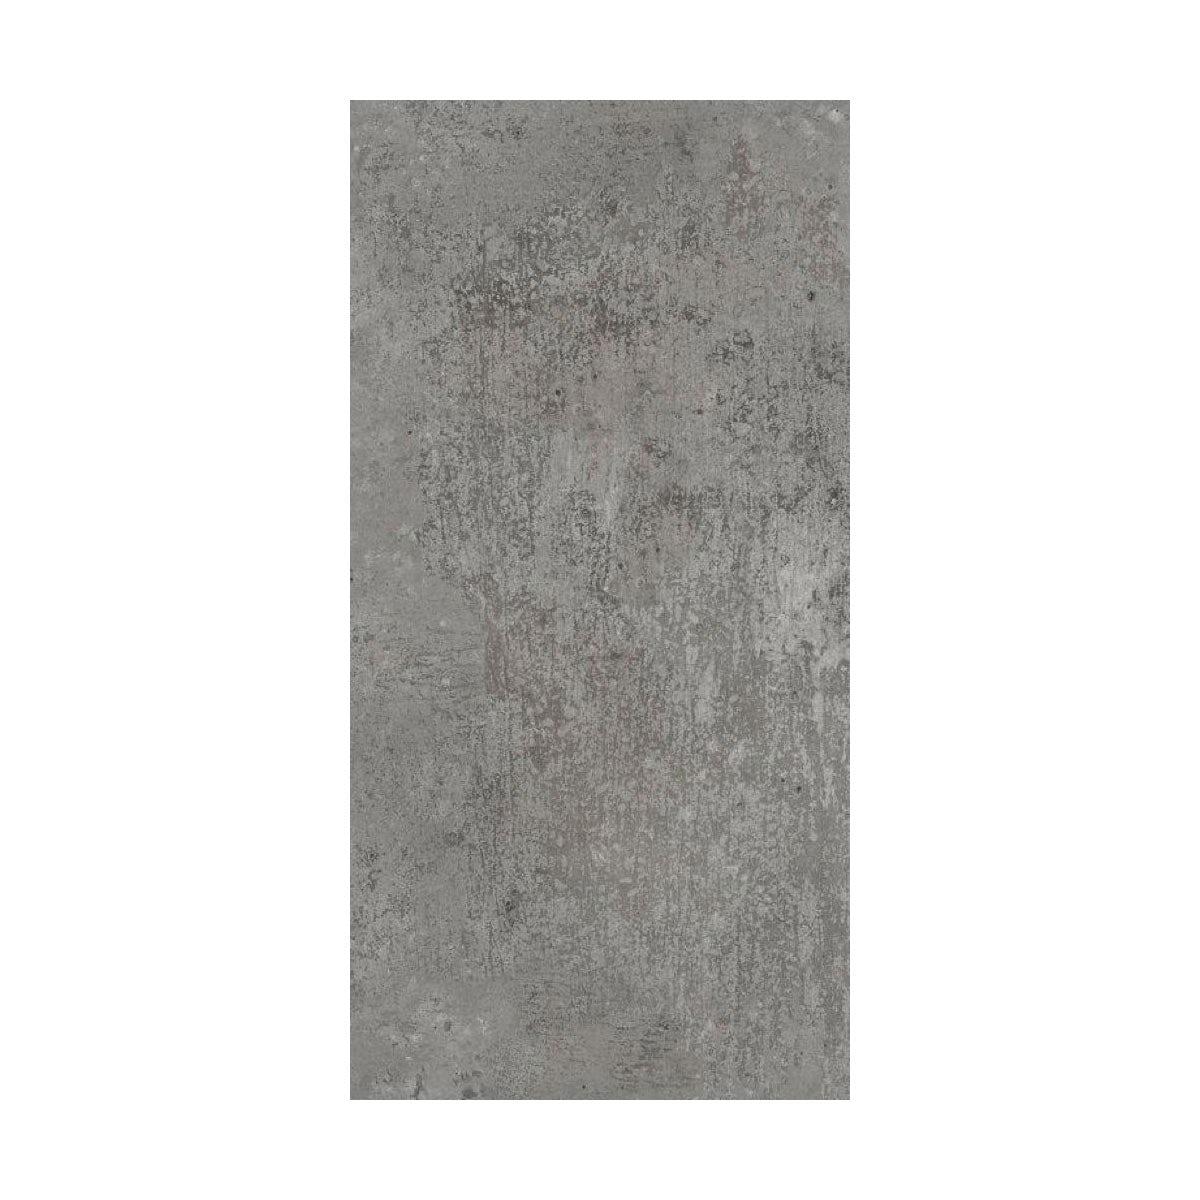 British ceramic tile metropolis dark grey matt tile 248mm x 498mm british ceramic tile metropolis dark grey matt tile 248mm x 498mm dailygadgetfo Images